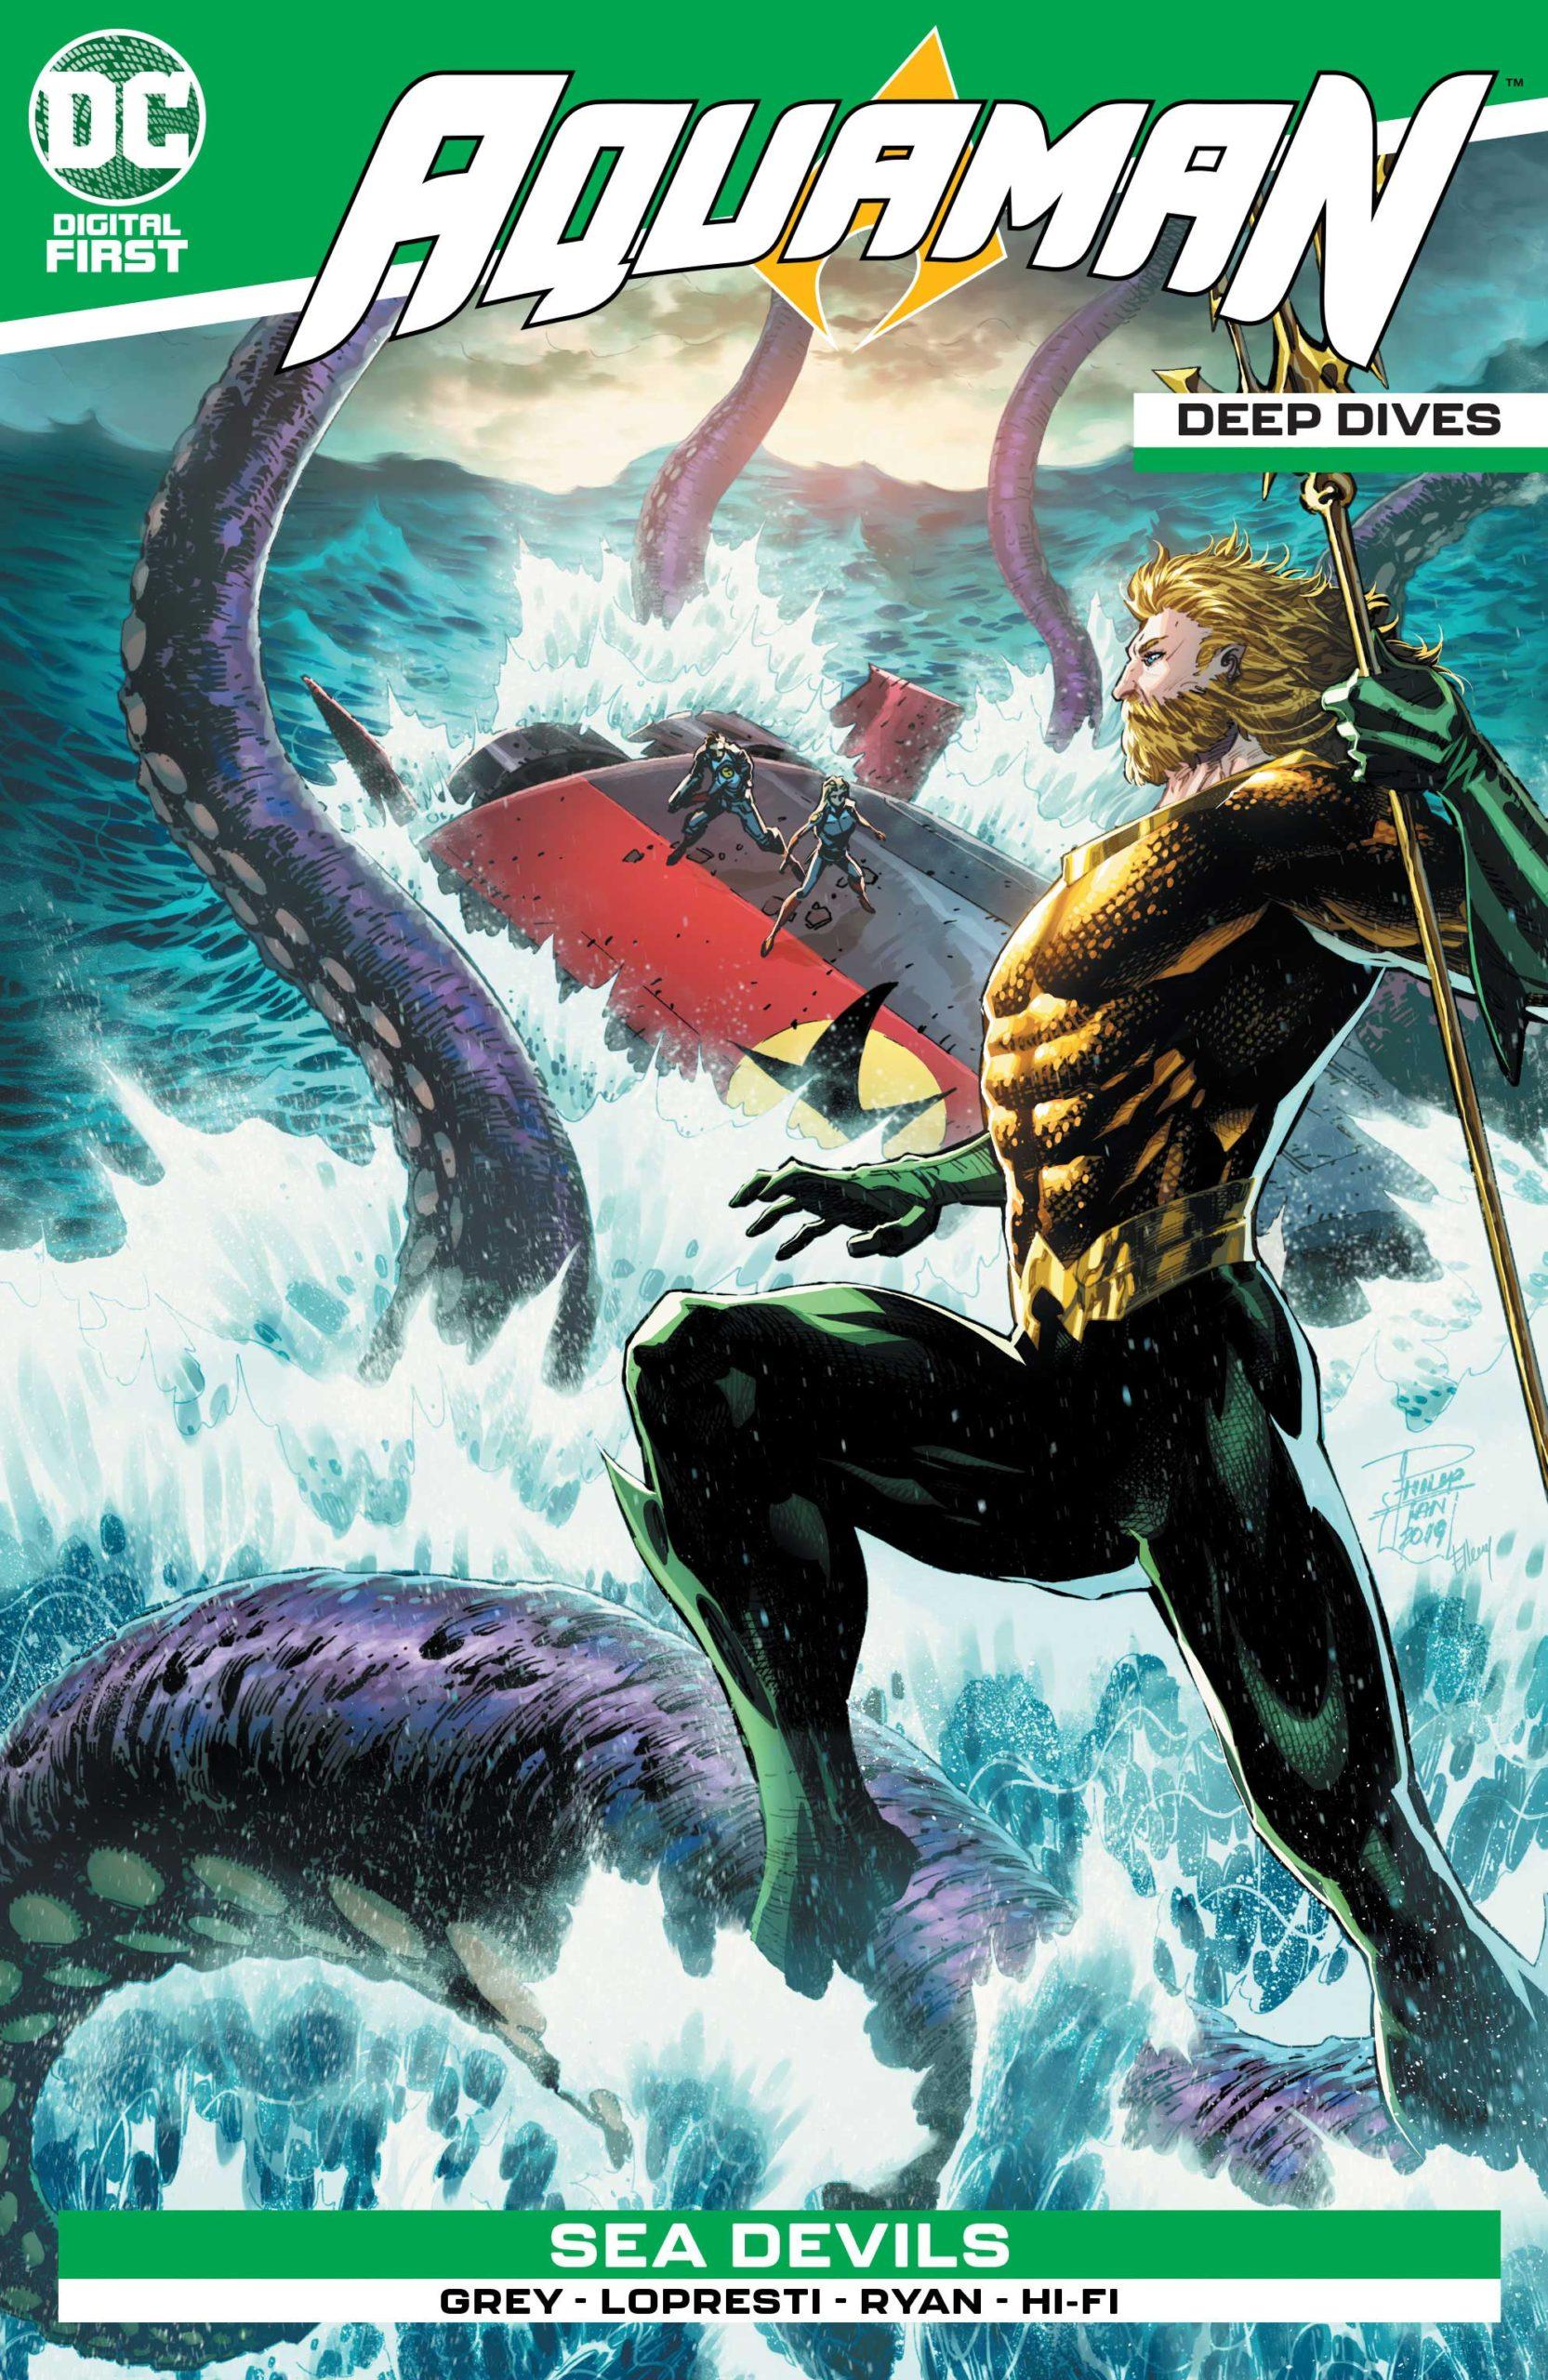 Aquaman Deep Dives #2